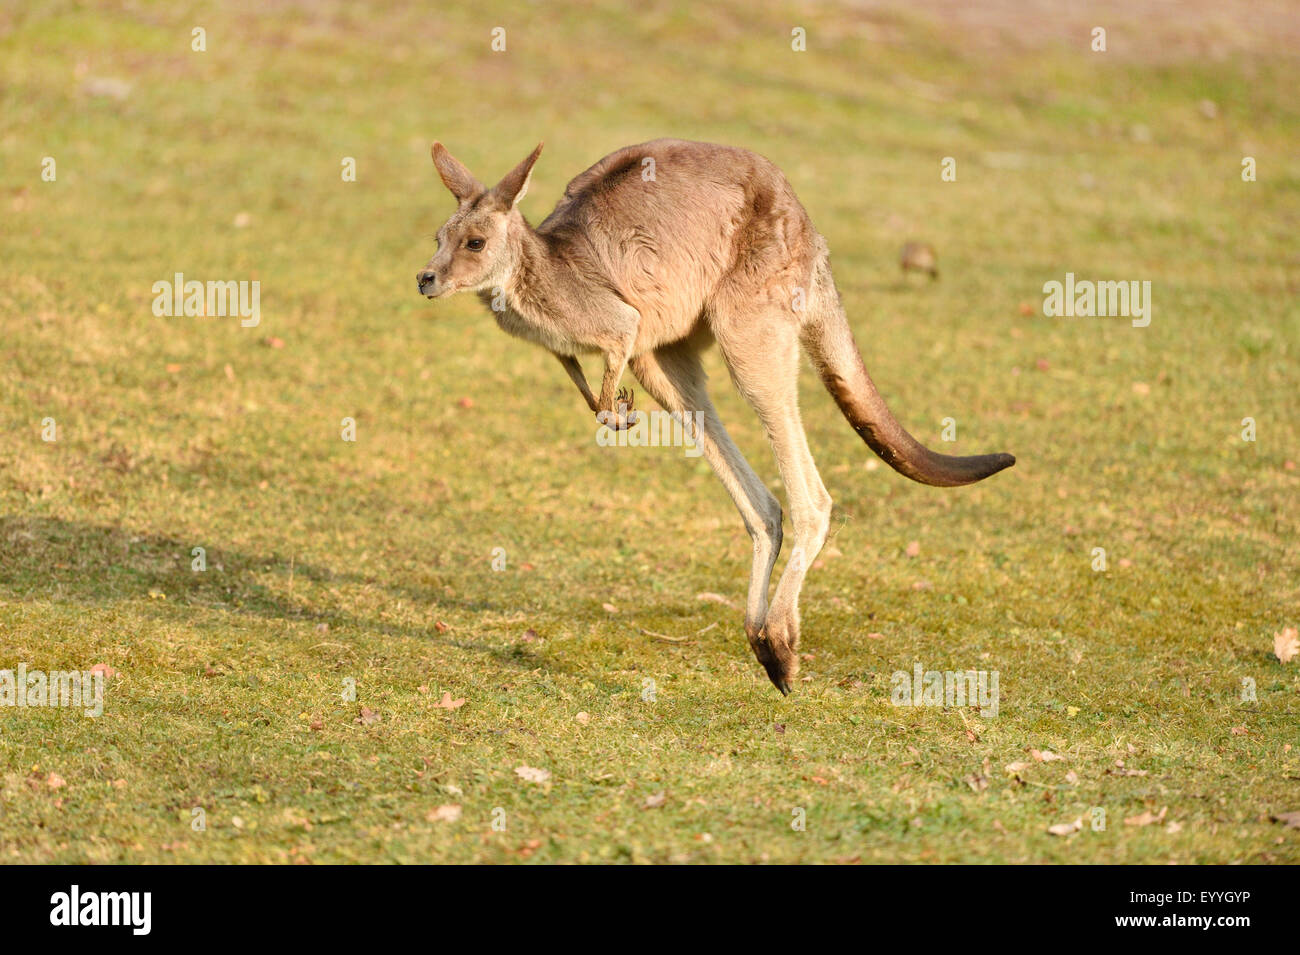 eastern gray kangaroo (Macropus giganteus), jumping - Stock Image